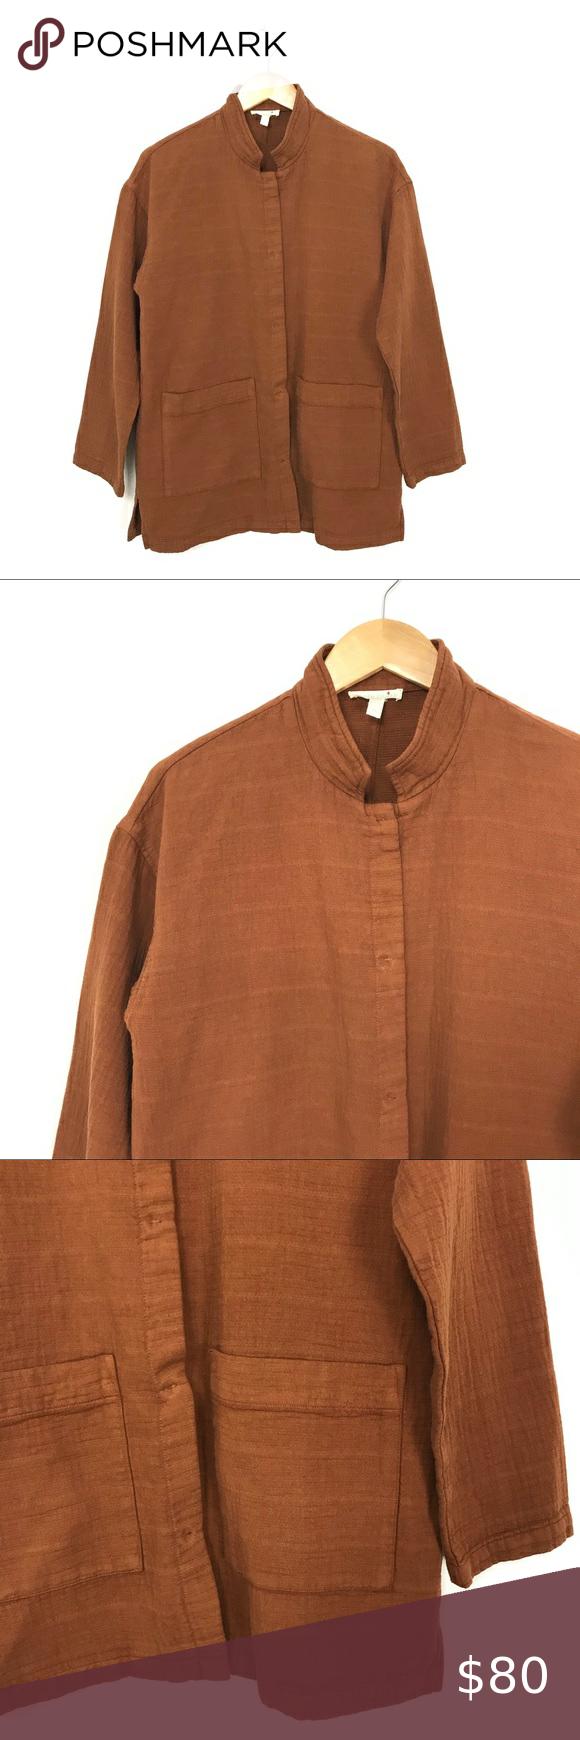 Eileen Fisher Organic Cotton Jacket Rust Orange A2 In 2020 Cotton Jacket Stand Collar Jackets Black Jacket Blazer [ 1740 x 580 Pixel ]